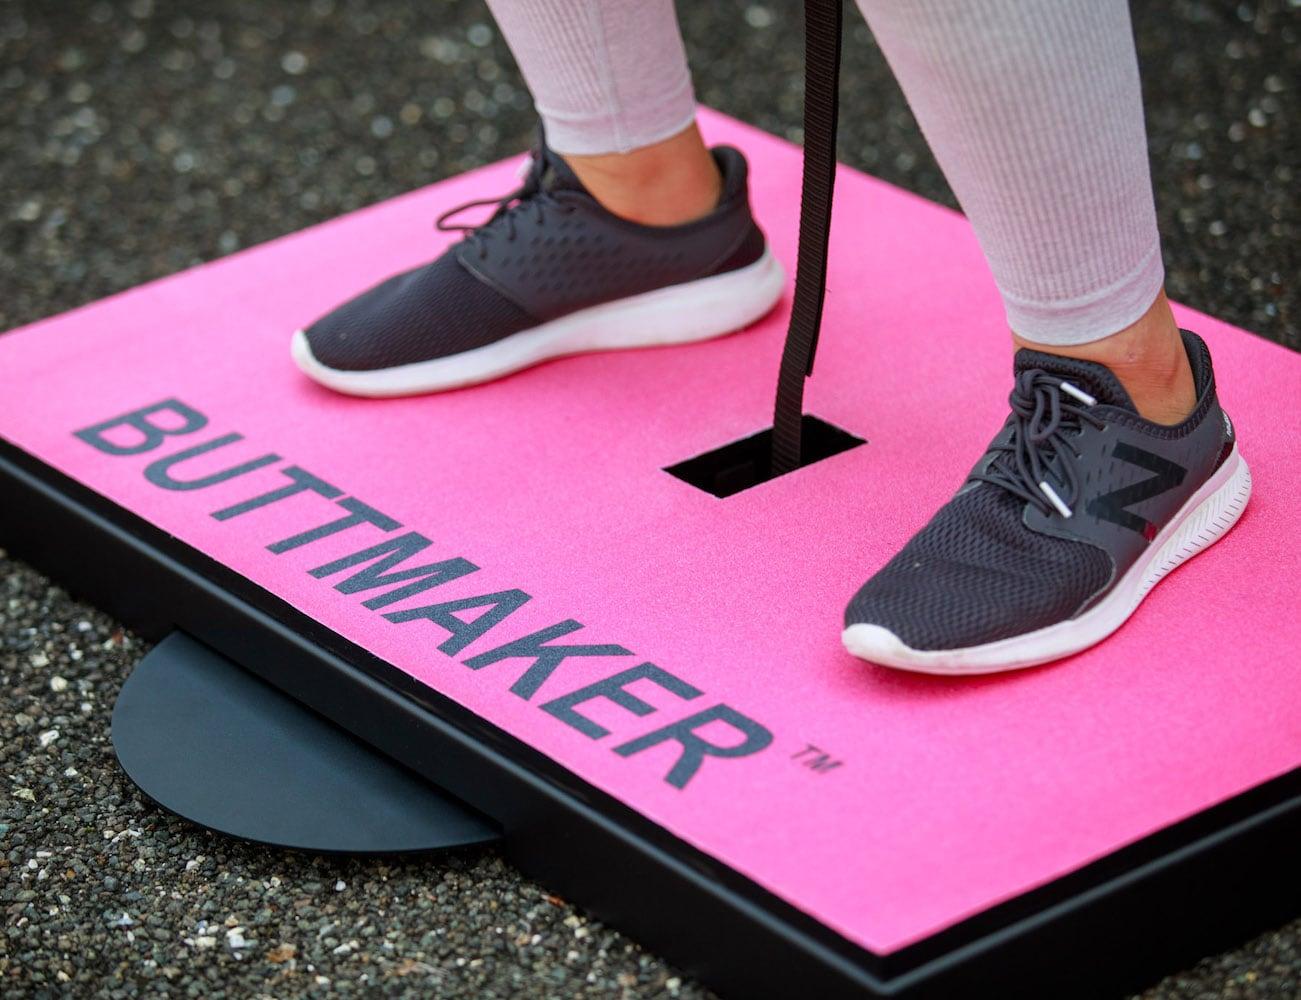 Buttmaker Eccentric Butt Workout Device